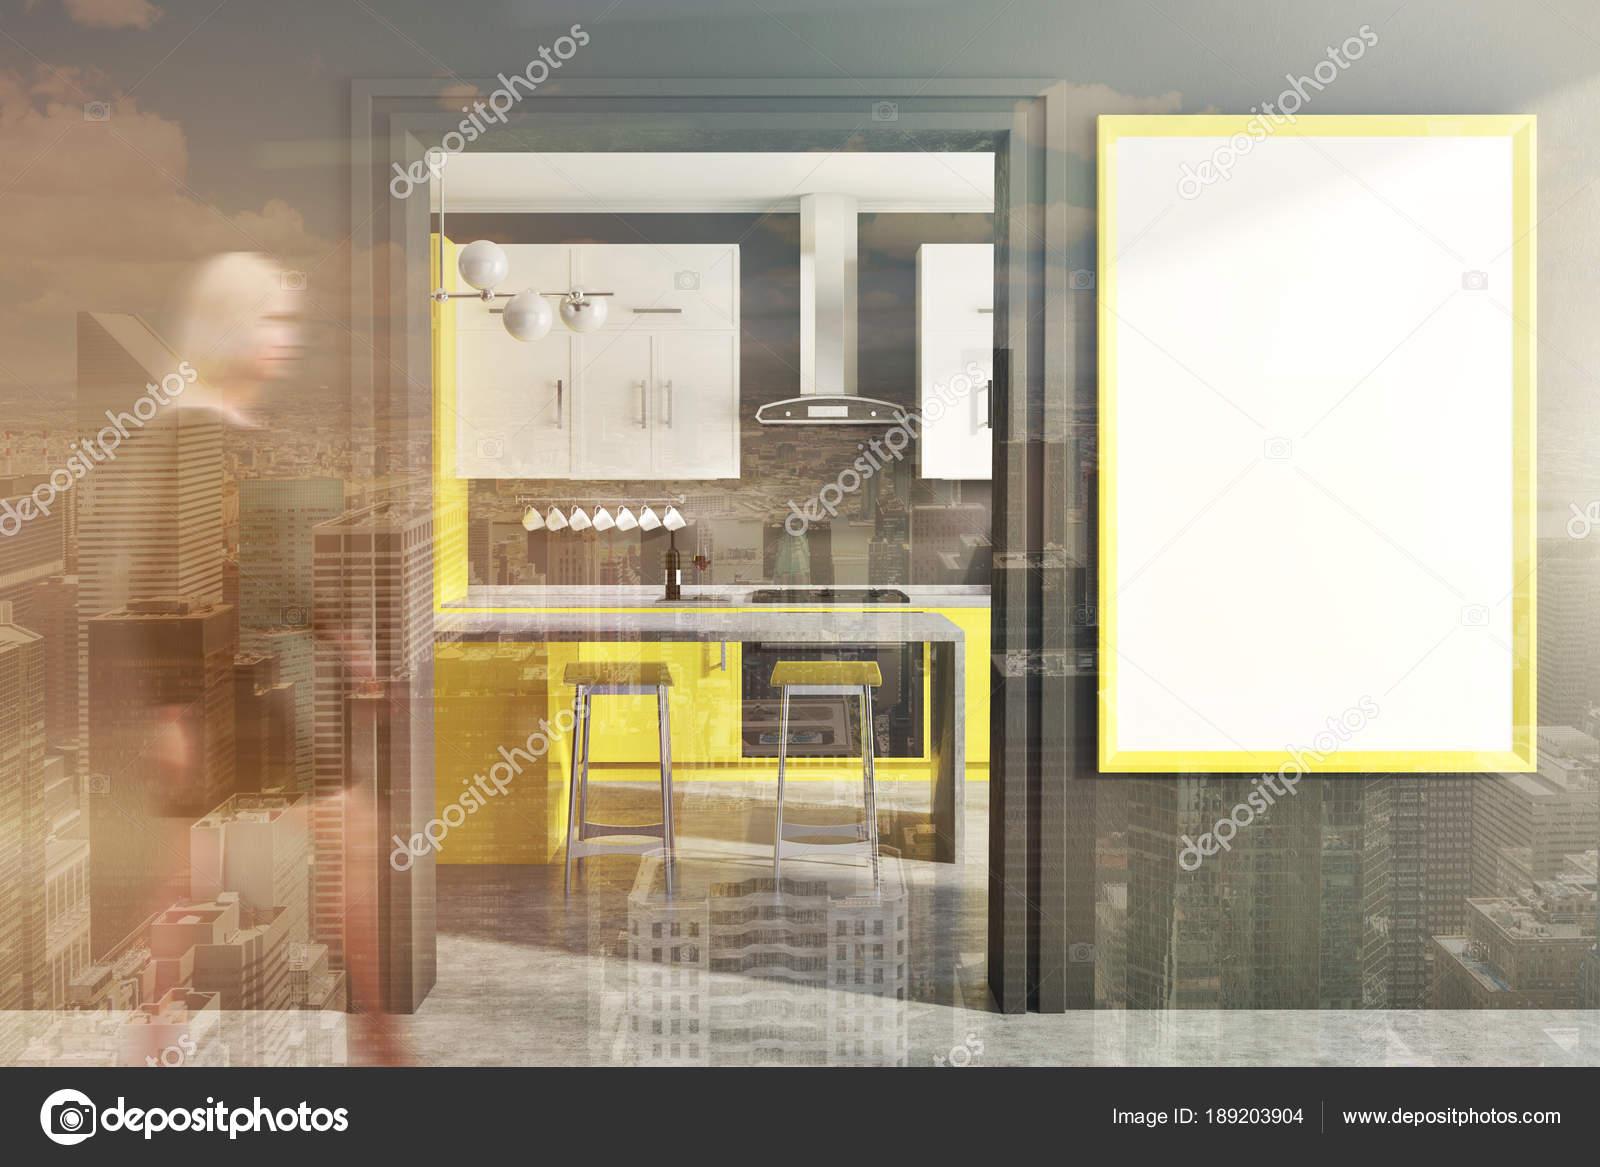 Graue Wand Küche Interieur Mit Gelben Und Weißen Zähler, Eine Bar Mit  Barhockern Und Einem Gerahmten Vertikale Poster An Der Wand. Eine Tür. Eine  Frau.